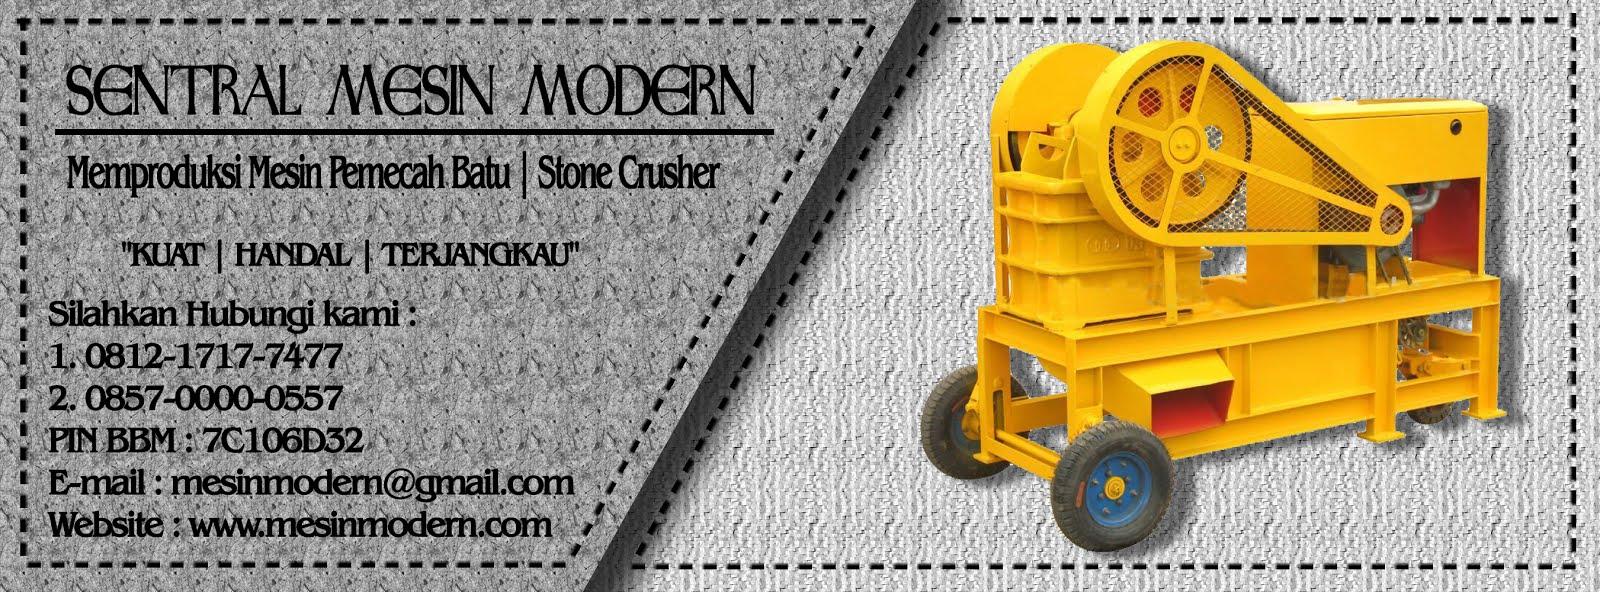 Cek Daftar Harga Stone Crusher Terbaru Murah Jual Mesin Stone Crusher Pemecah Penghancur Batu